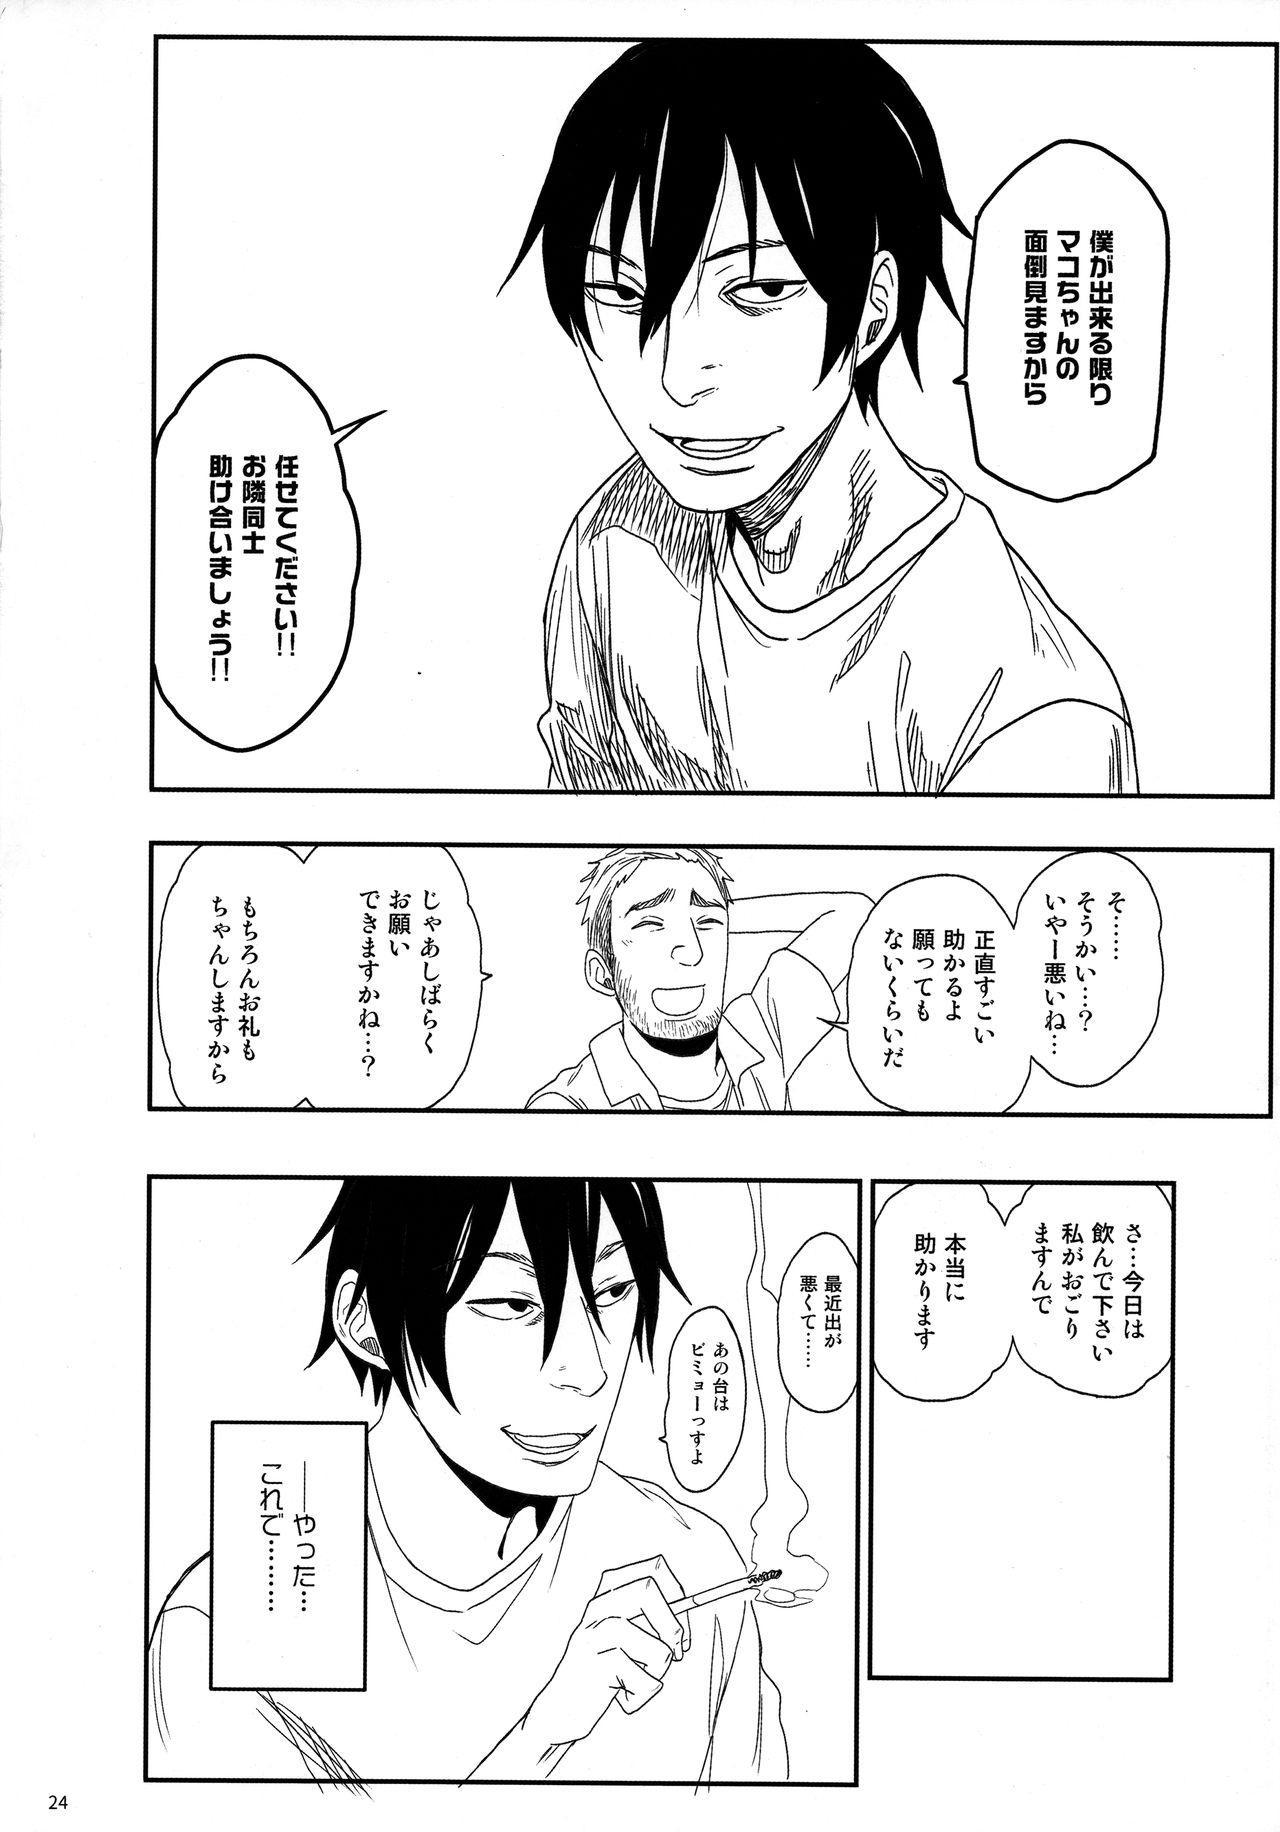 Tonari no Mako-chan Vol. 3 23